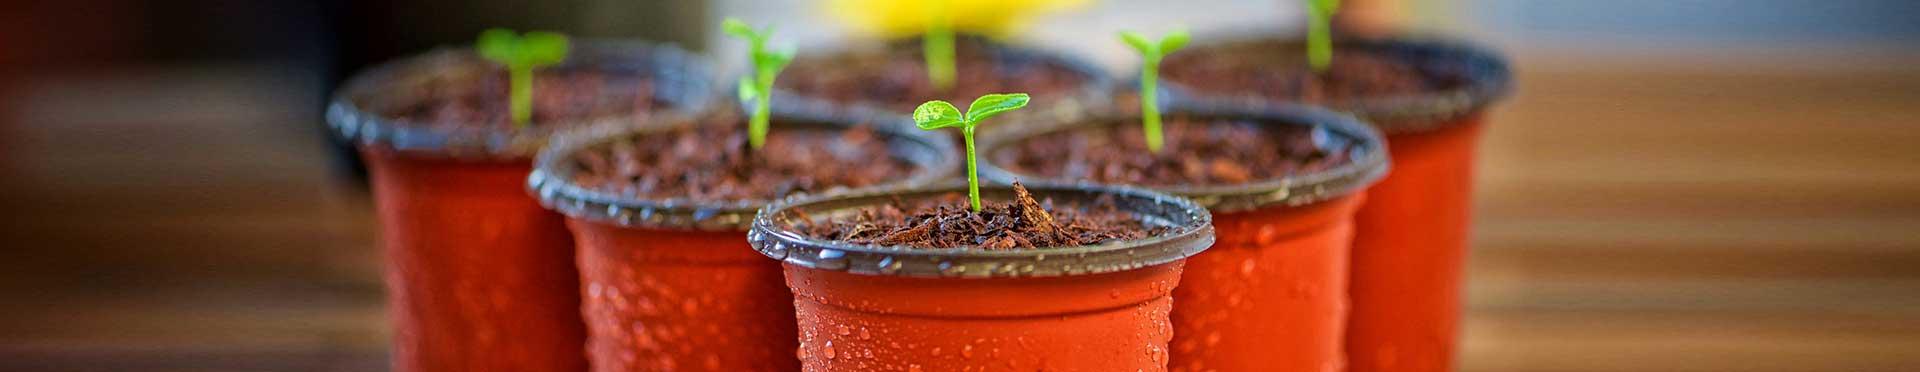 brotes en las macetas gracias a los fertilizantes